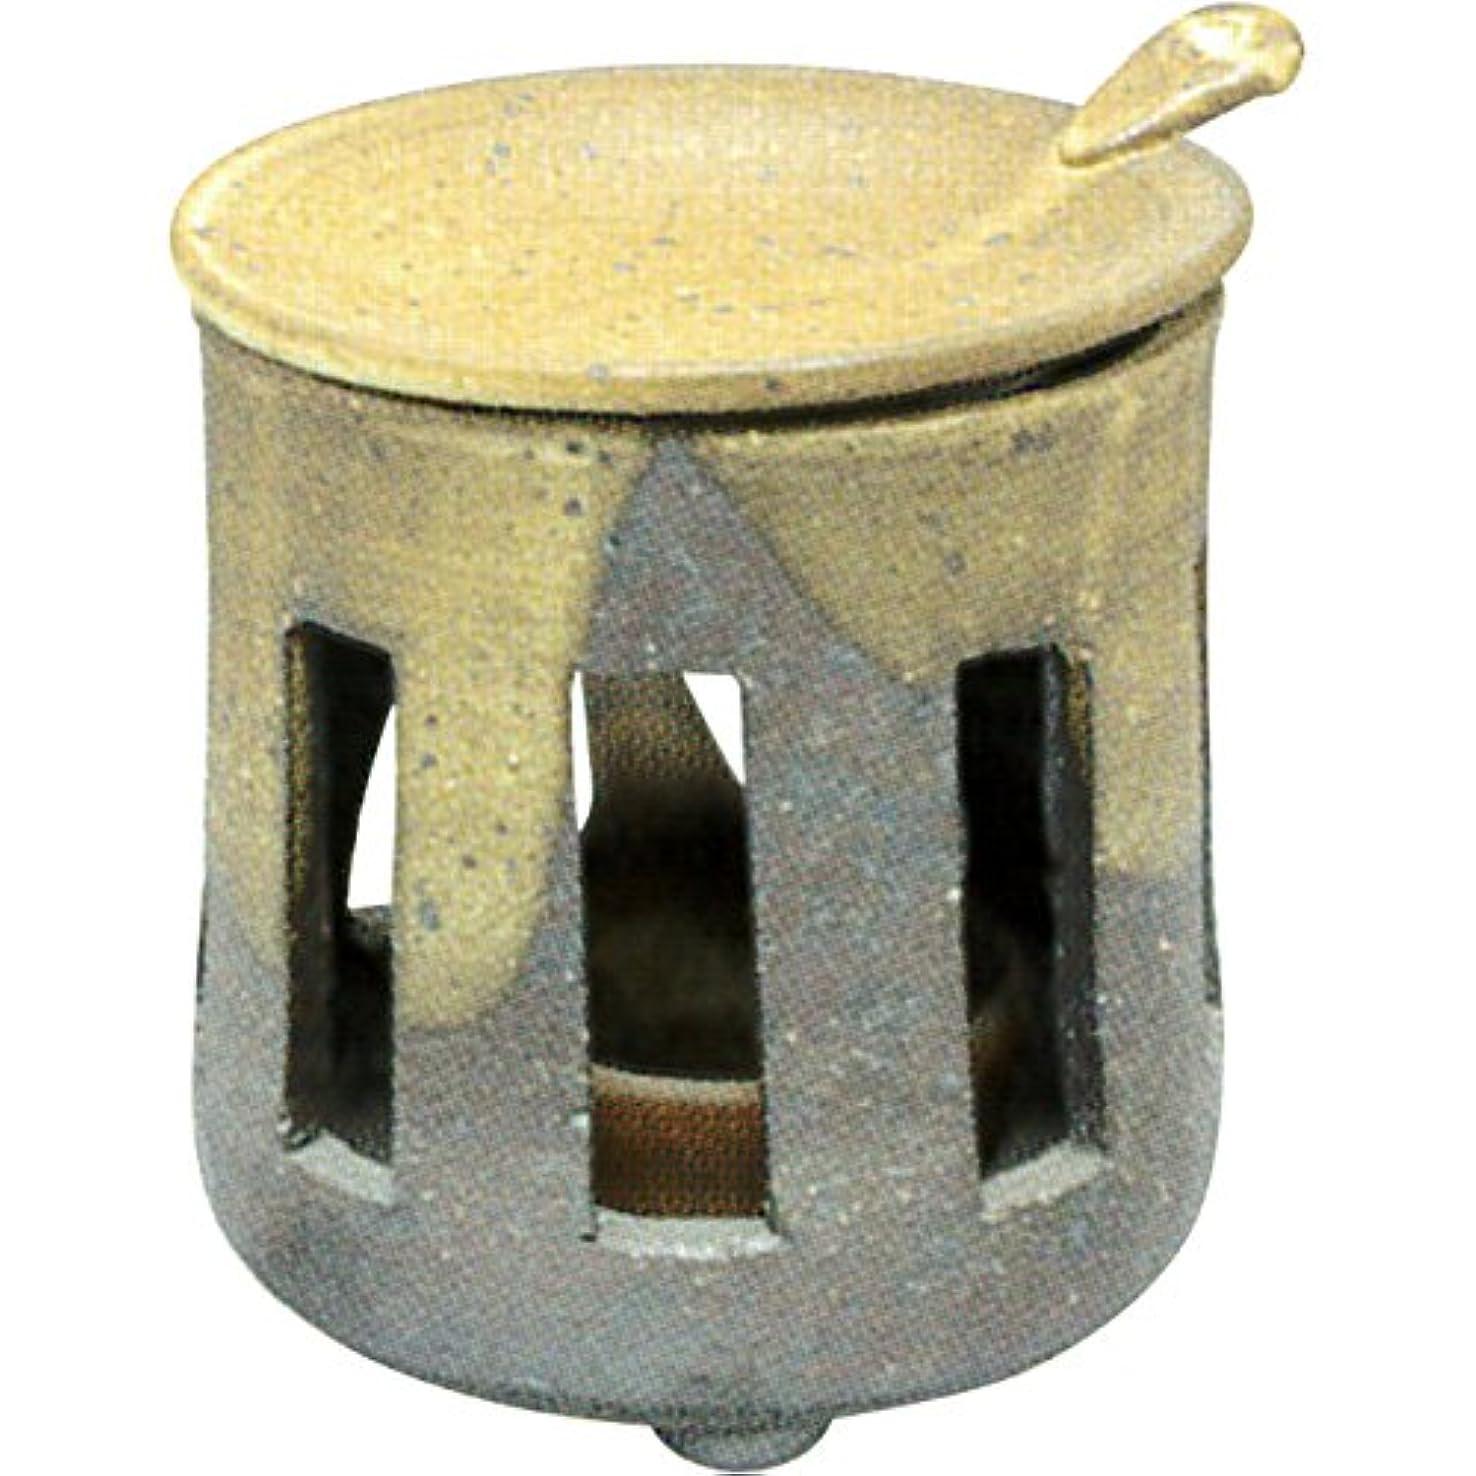 デコラティブラウズグロー茶香炉 : 常滑焼 焜清 茶香炉?サ39-03